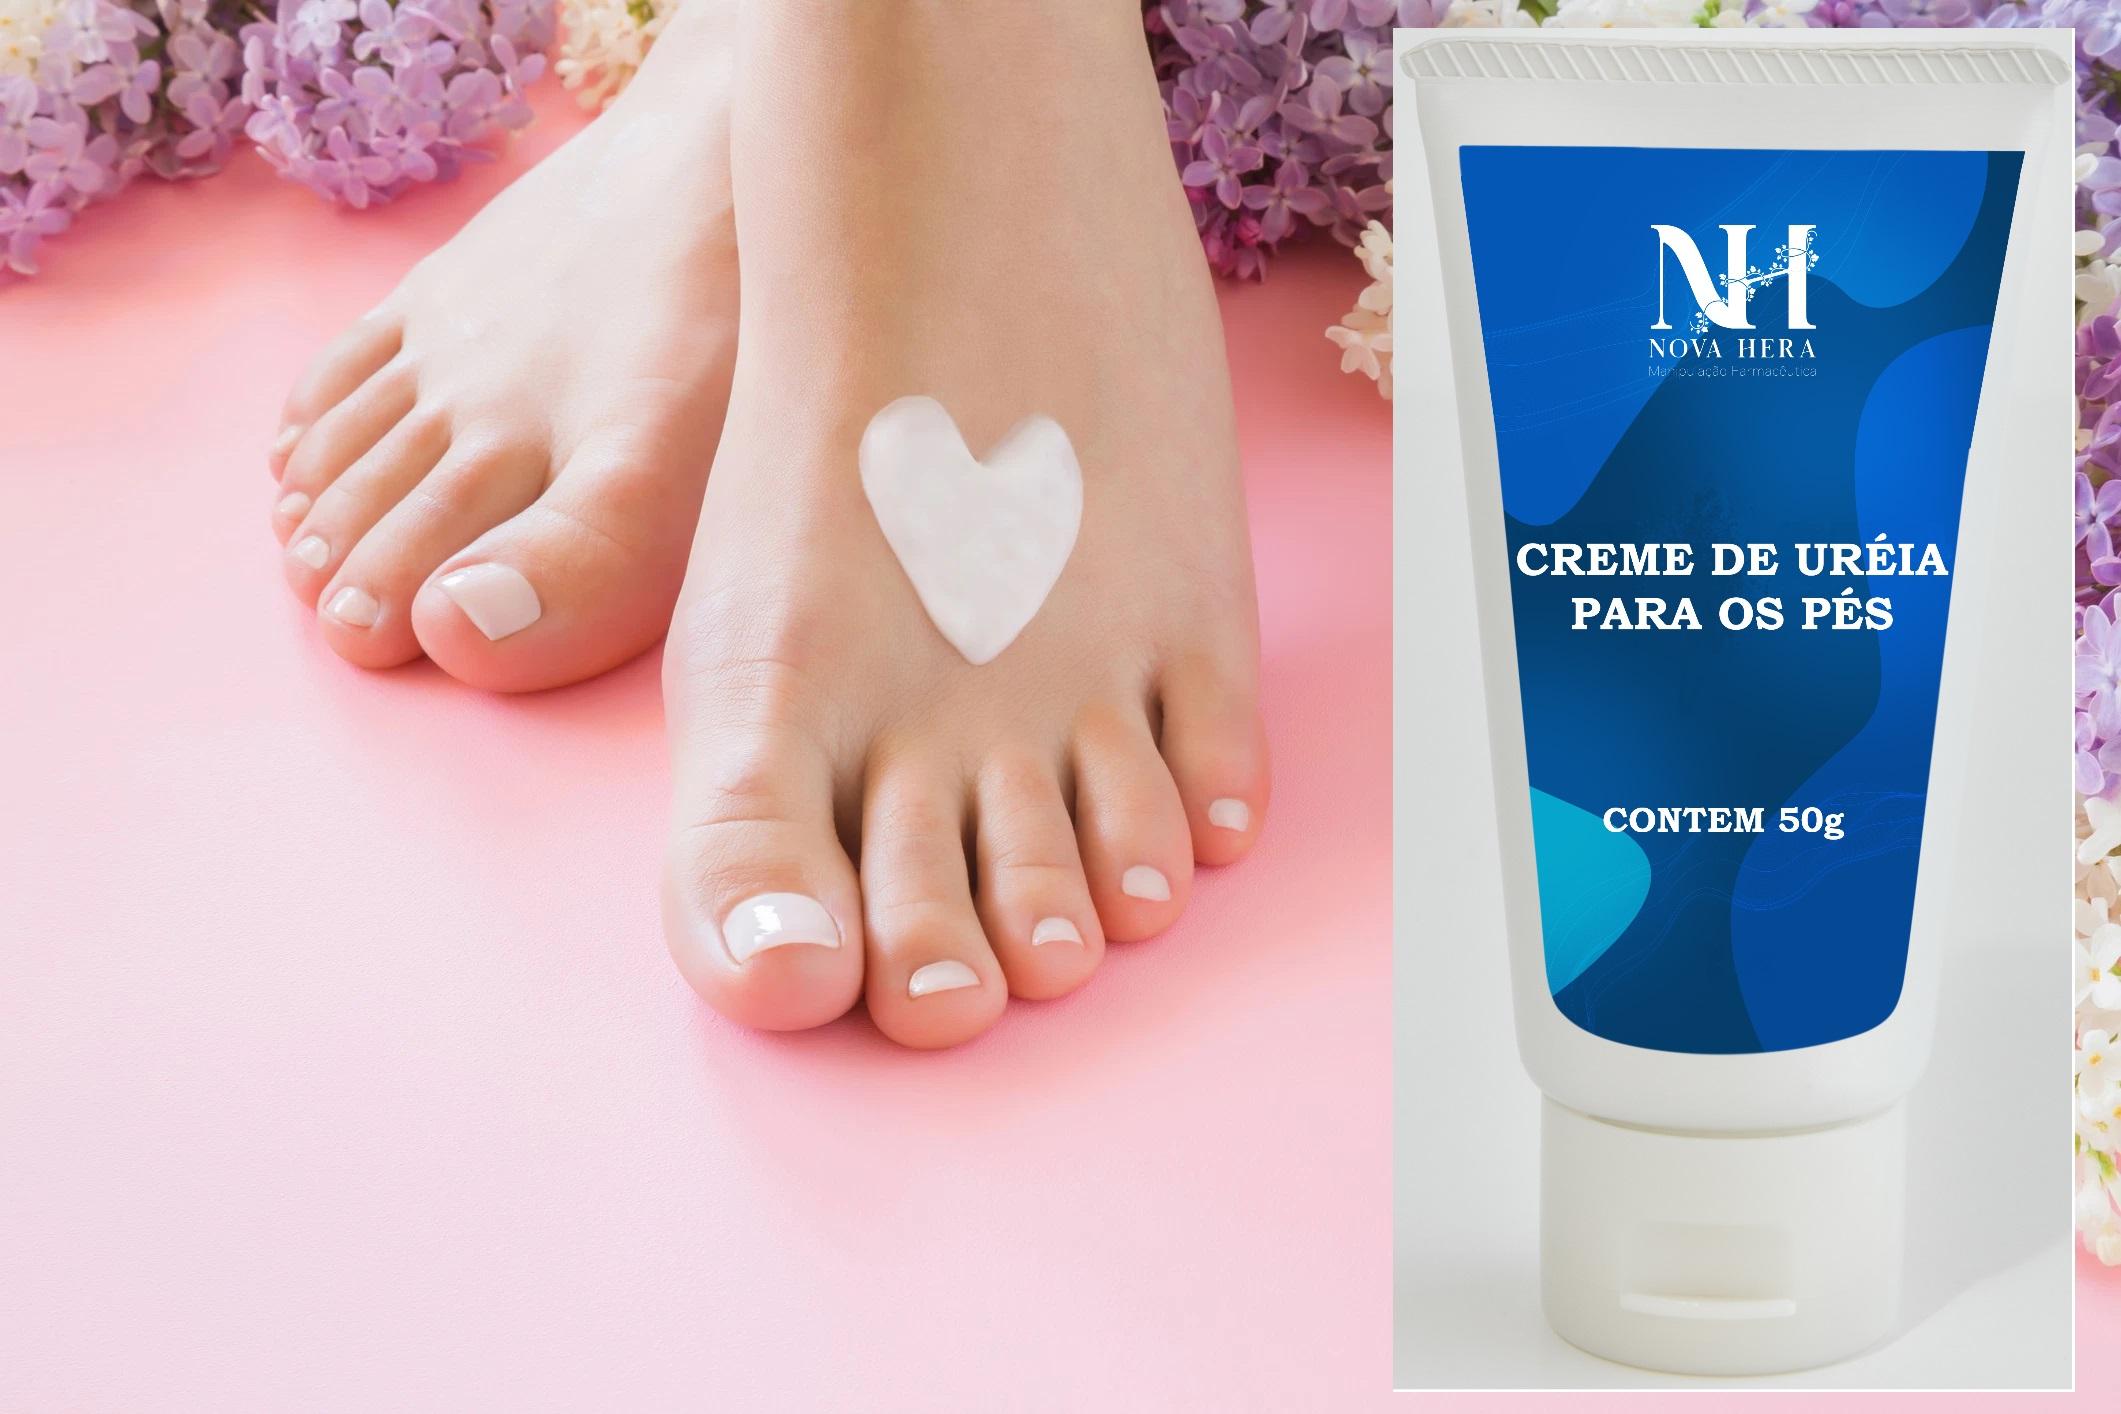 https://www.farmacianovahera.com.br/view/_upload/produto/50/1587753499creme-de-ureia-para-os-pes---ii.jpg